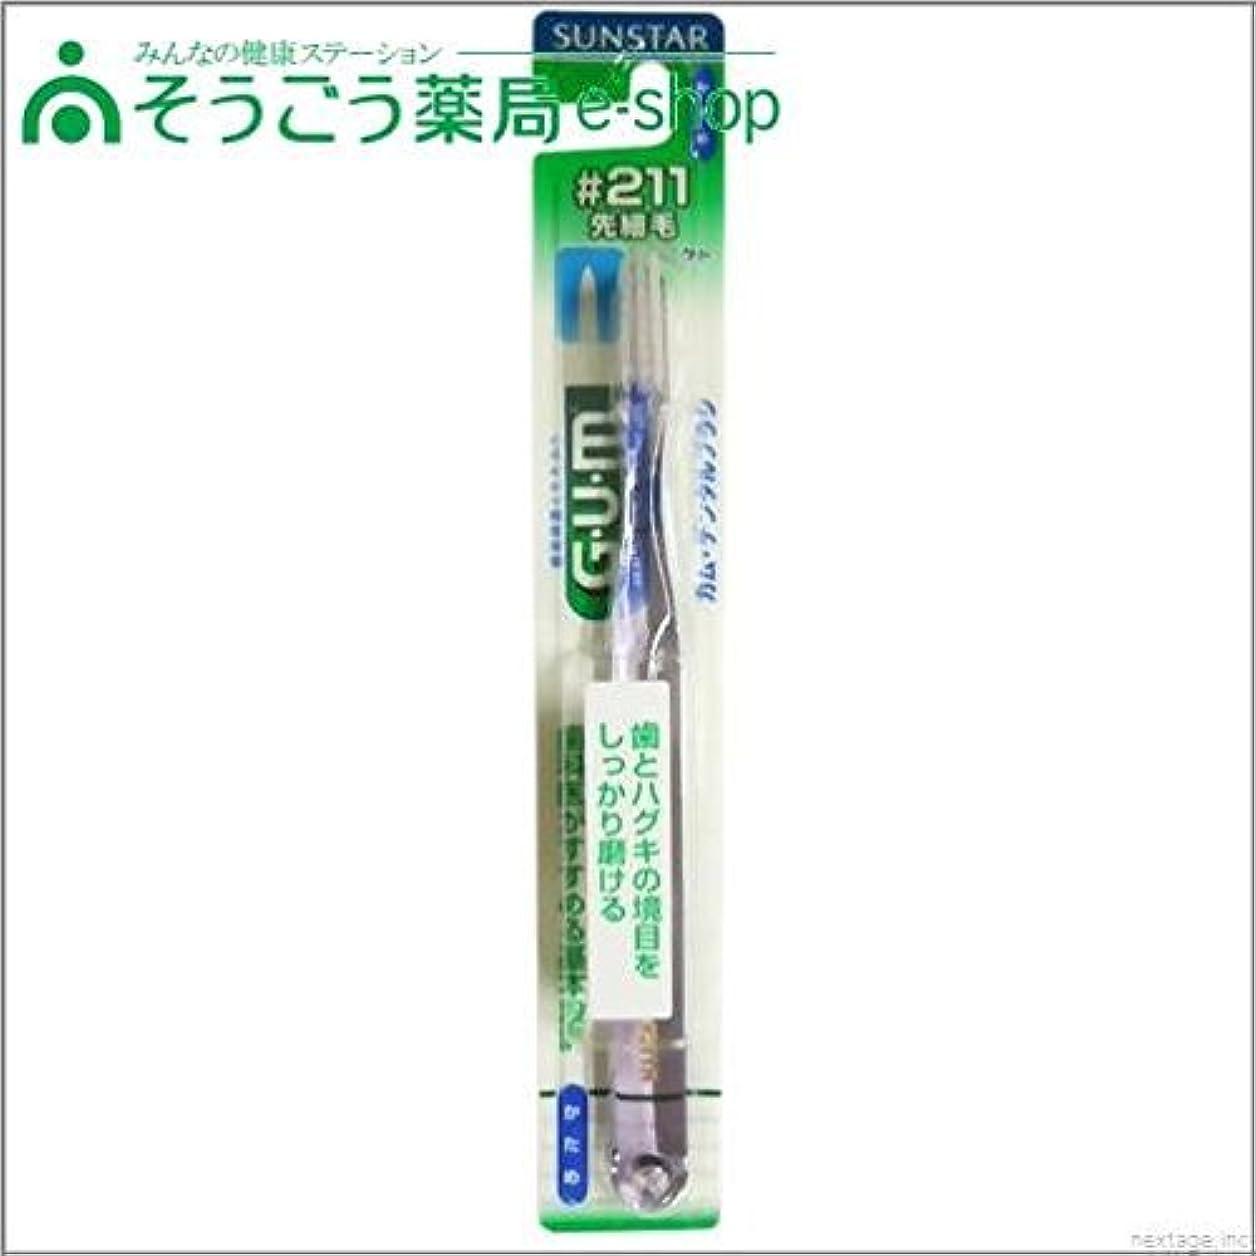 シリングリダクター平手打ちサンスター GUM(ガム) デンタルブラシ #211 10個セットコンパクトヘッド かため